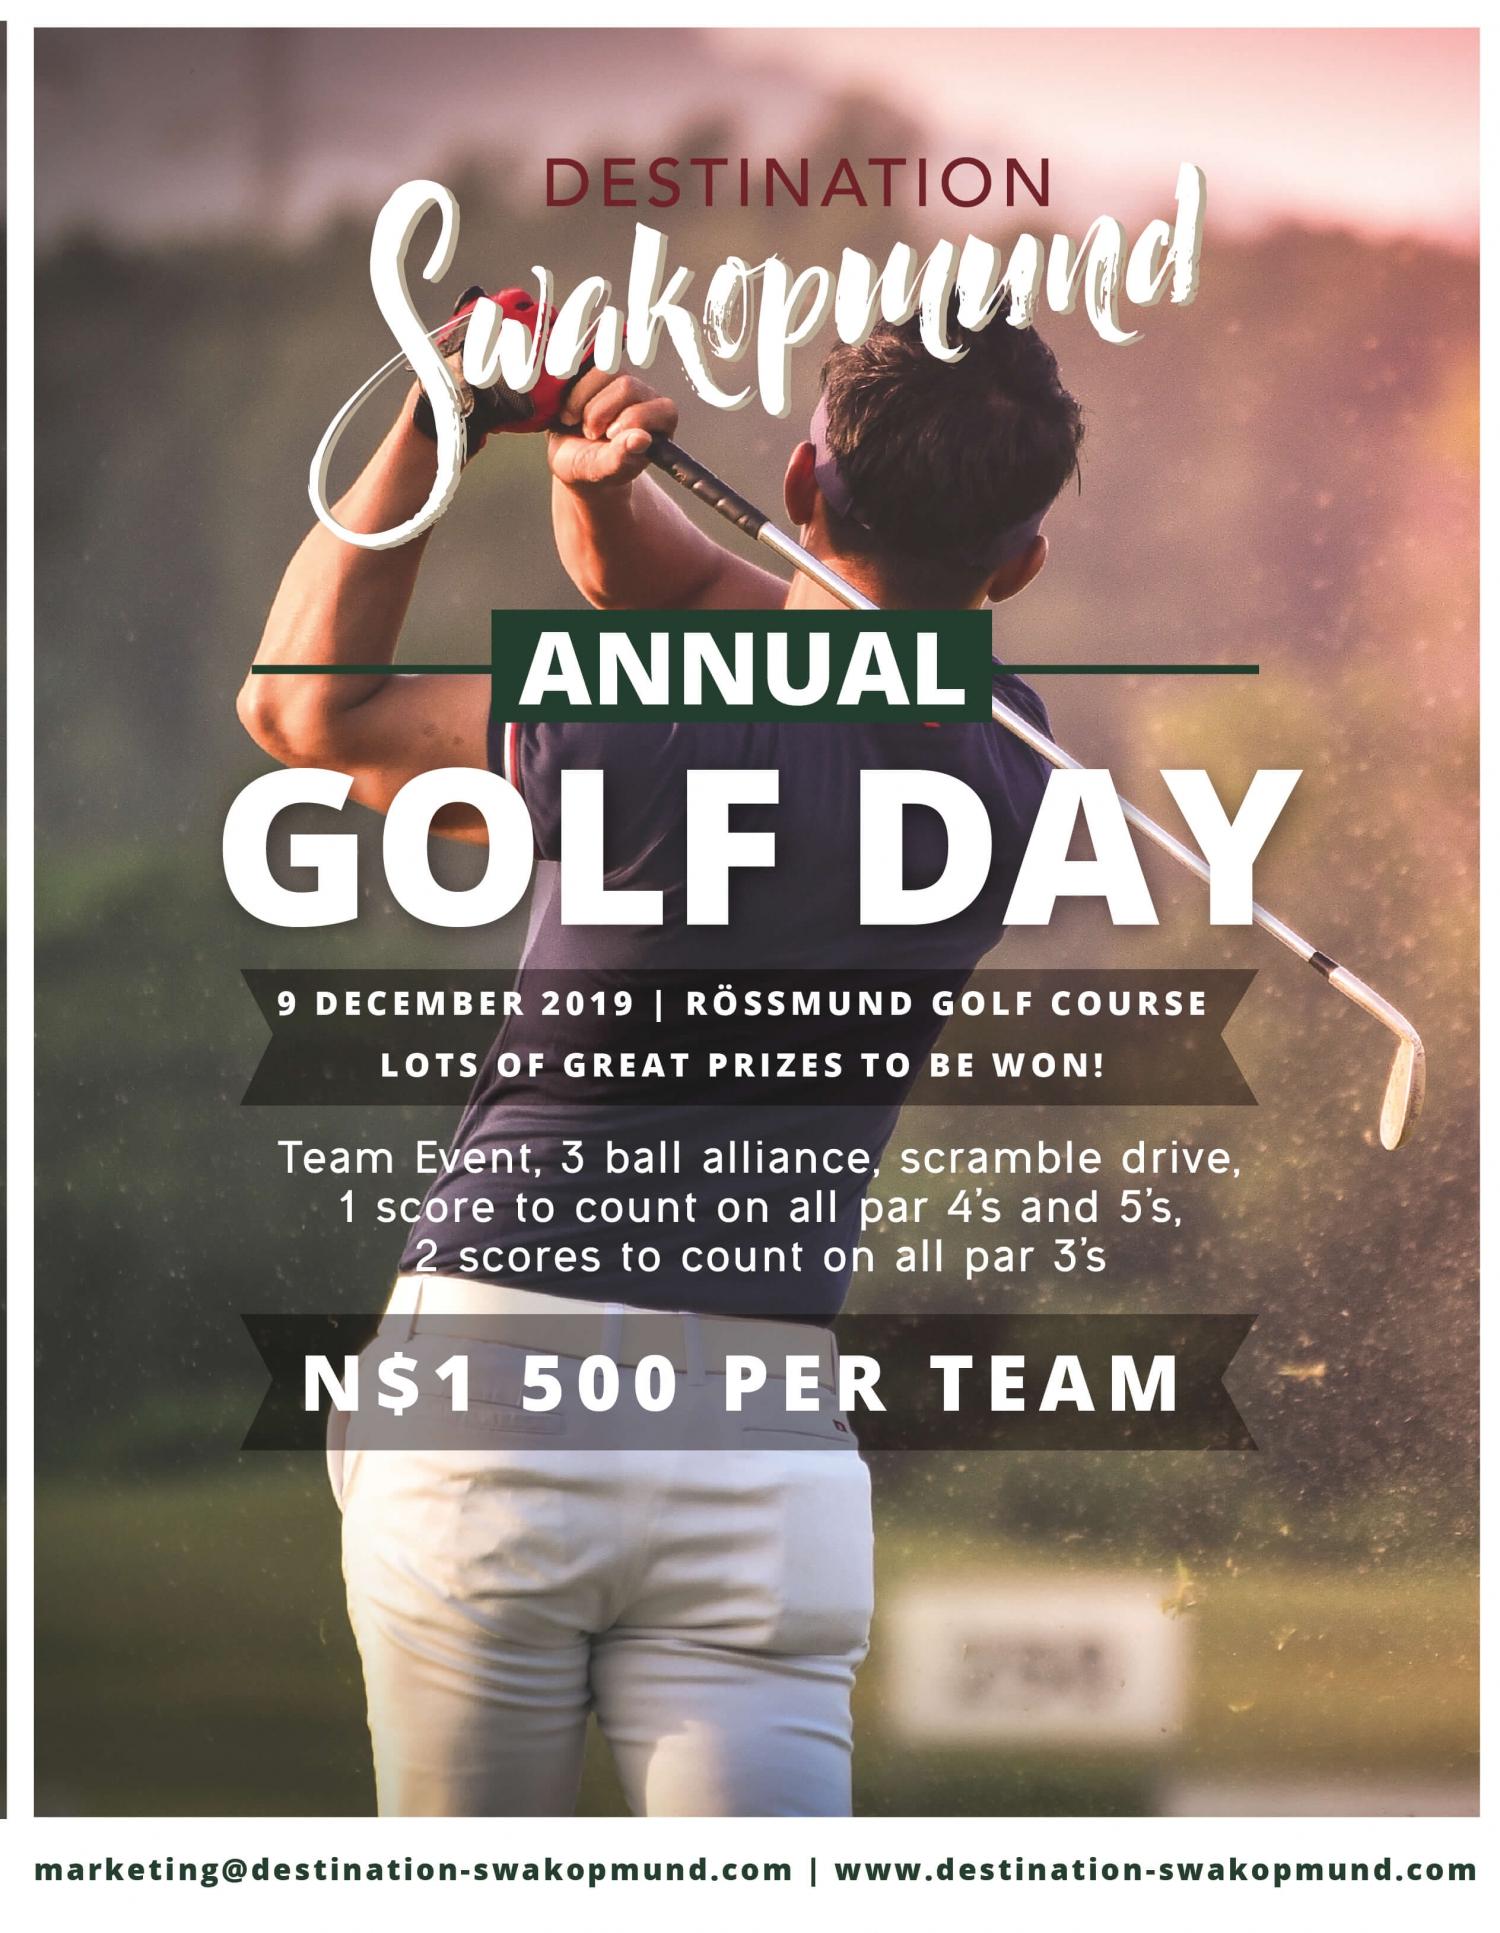 Destination Swakopmund Golf Day 2019